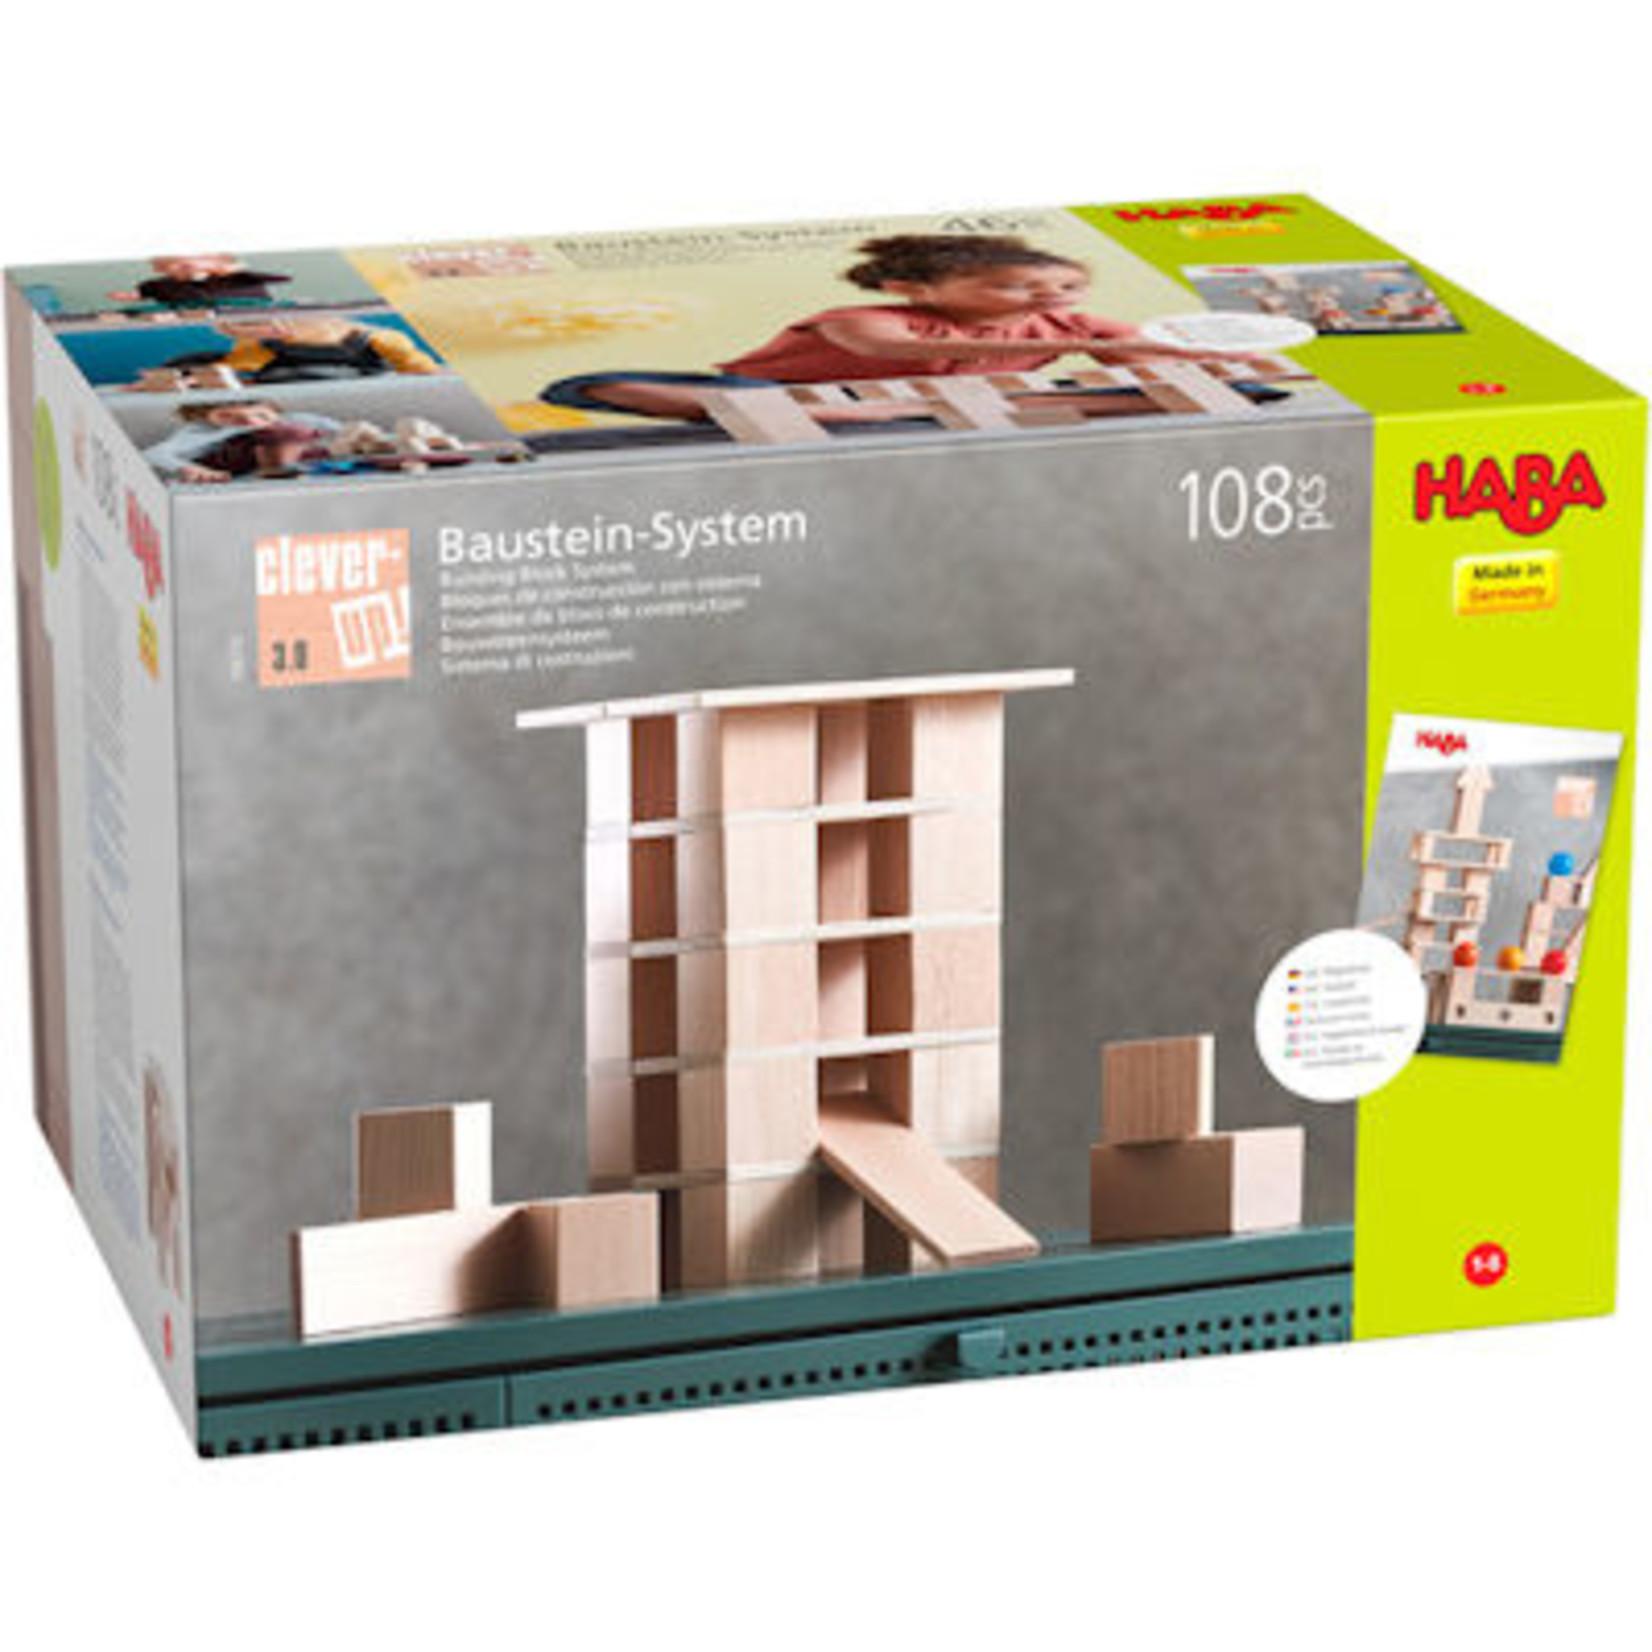 Haba Blokken / Bouwsteensysteem Clever-Up! 3.0